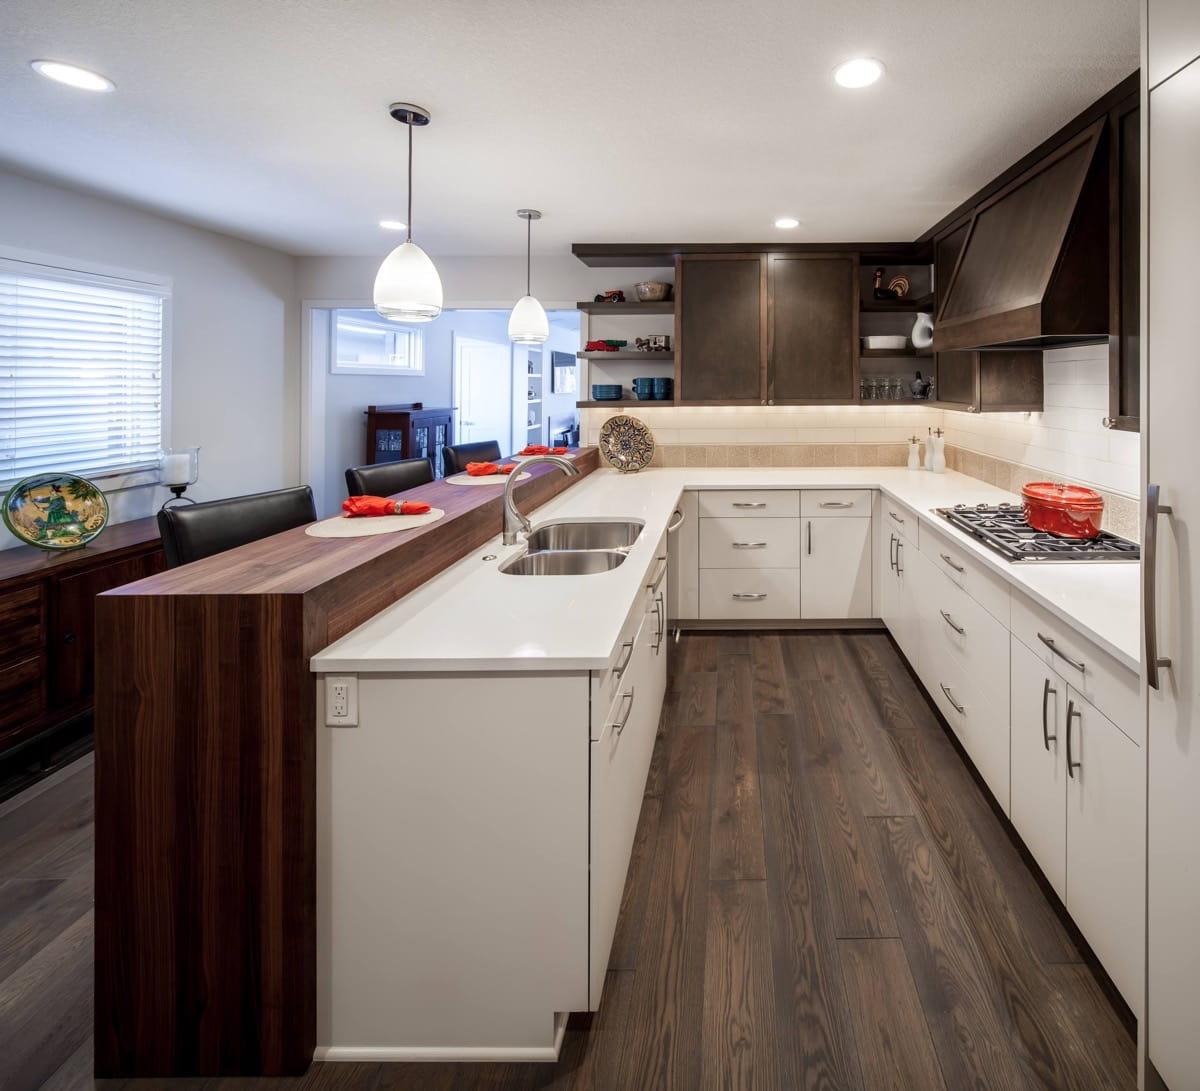 Dans un espace étroit, il vaut la peine d'expérimenter avec audace la conception des couleurs, car elle est souvent cruciale. Cette cuisine Art nouveau en est un excellent exemple.